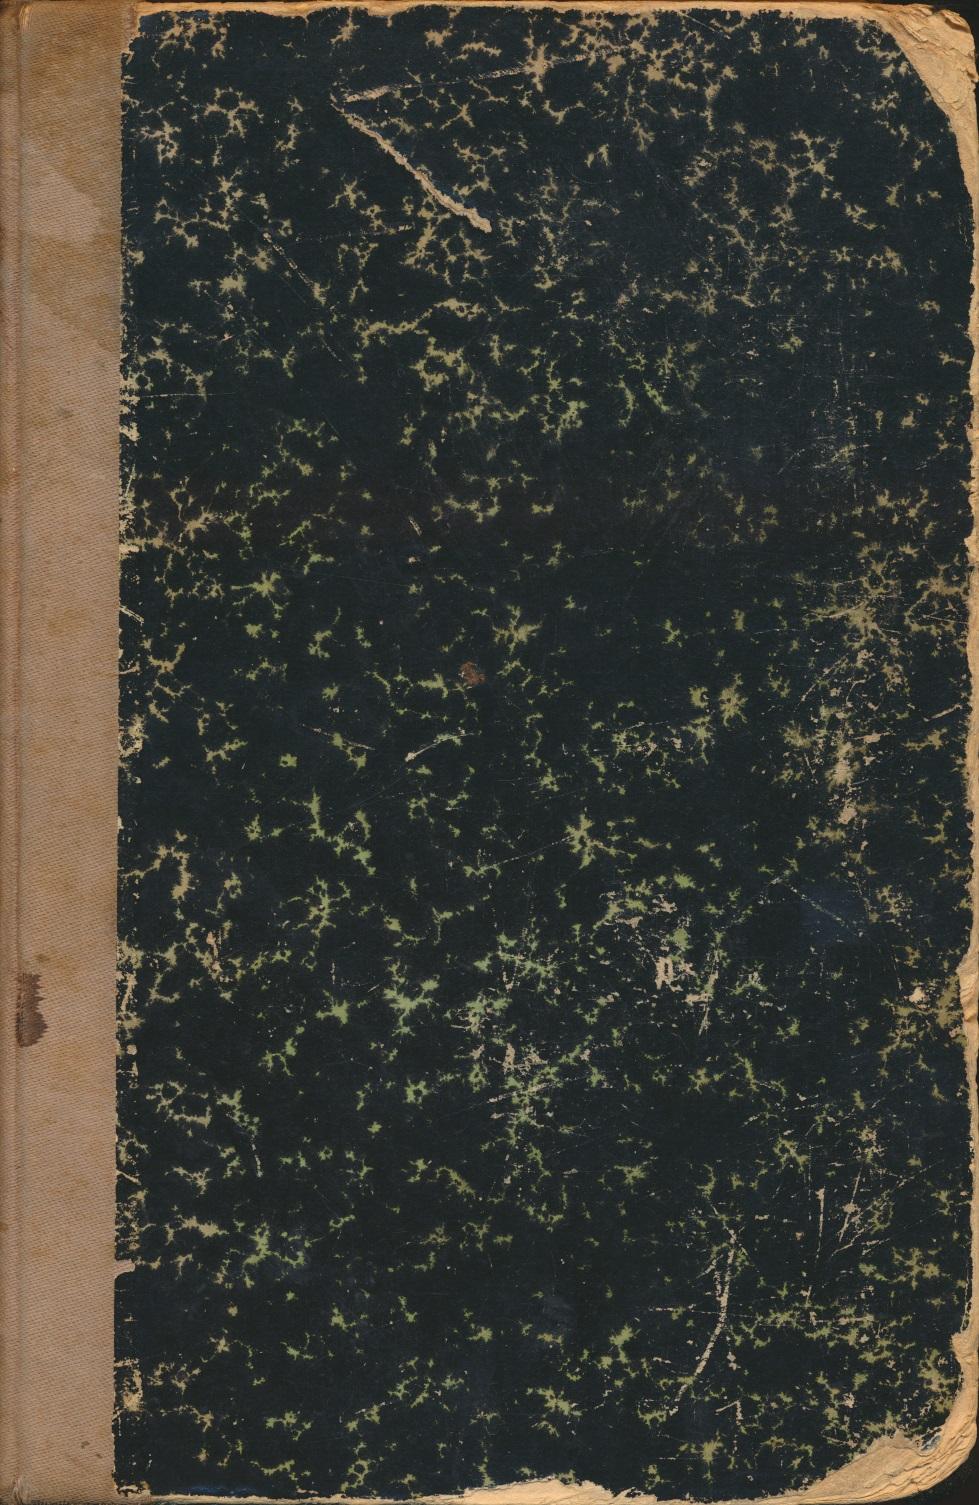 N. Karjev. Istorija Zapadnoj Evropy v novoje vremia. Tom II. S._Peterburg, 1904